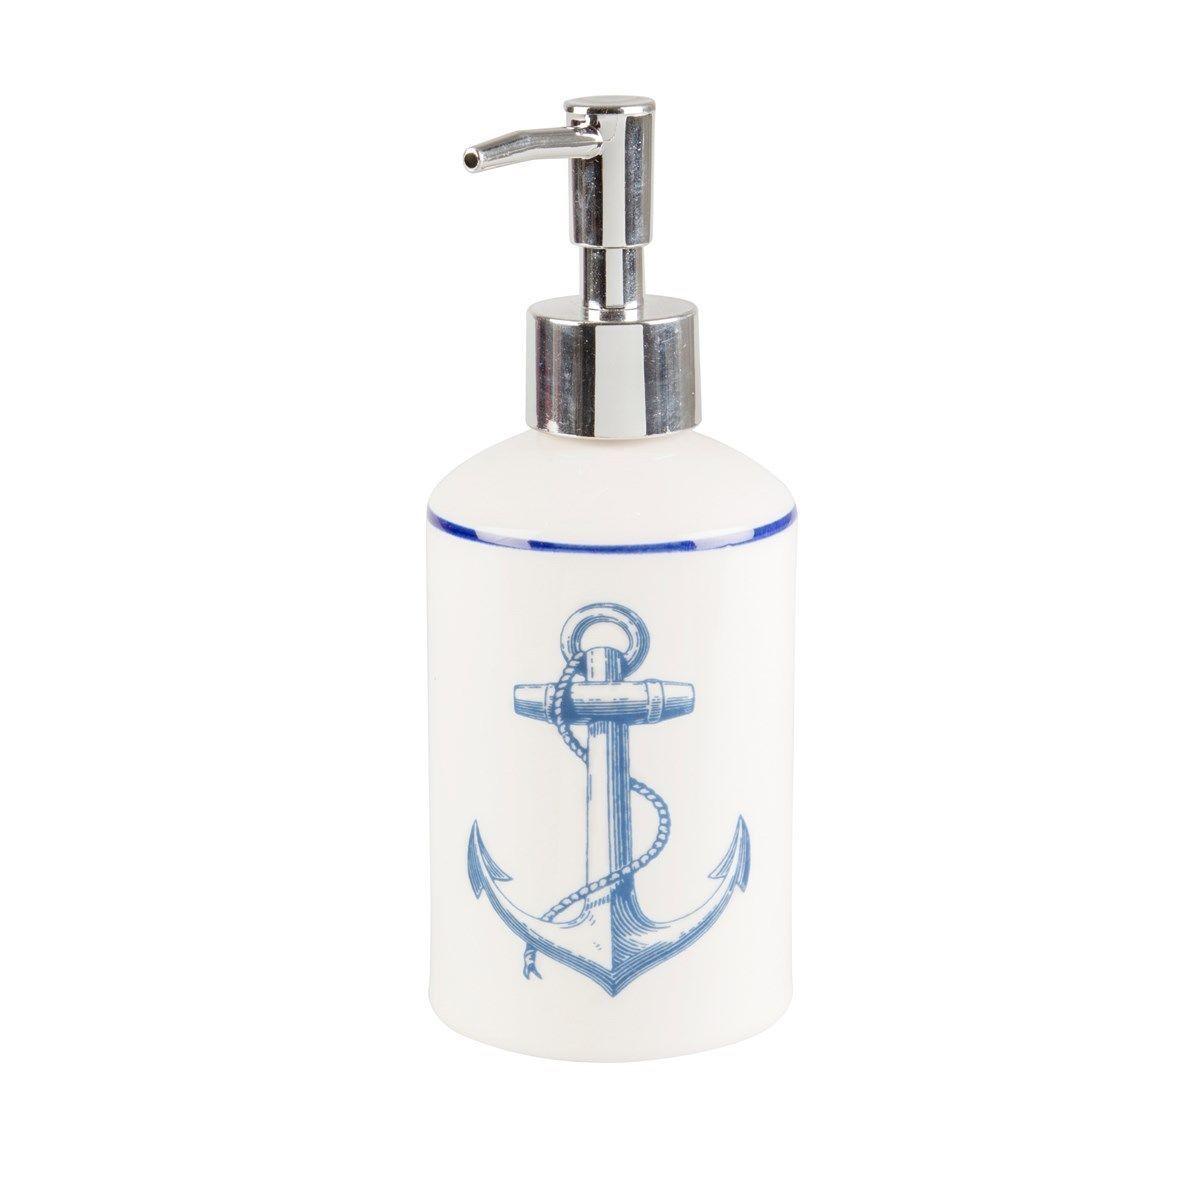 Blue Sea Nautical Vintage Bathroom Accessories Set Toothbrush Holder ...